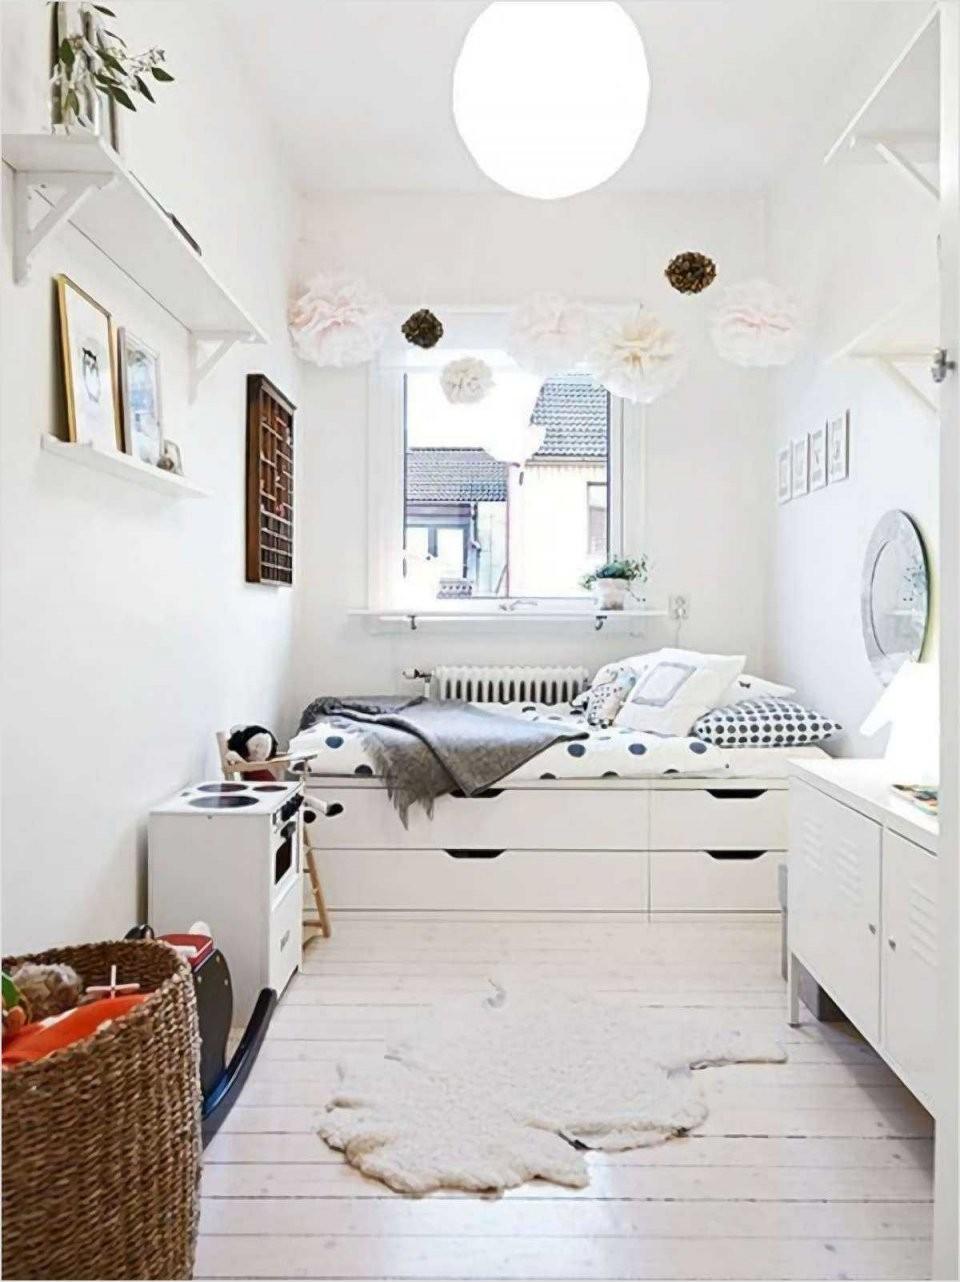 Jugendzimmer Ideen Für Kleine Räume Planen 31 Luxus Heuer von Jugendzimmer Ideen Für Kleine Zimmer Bild